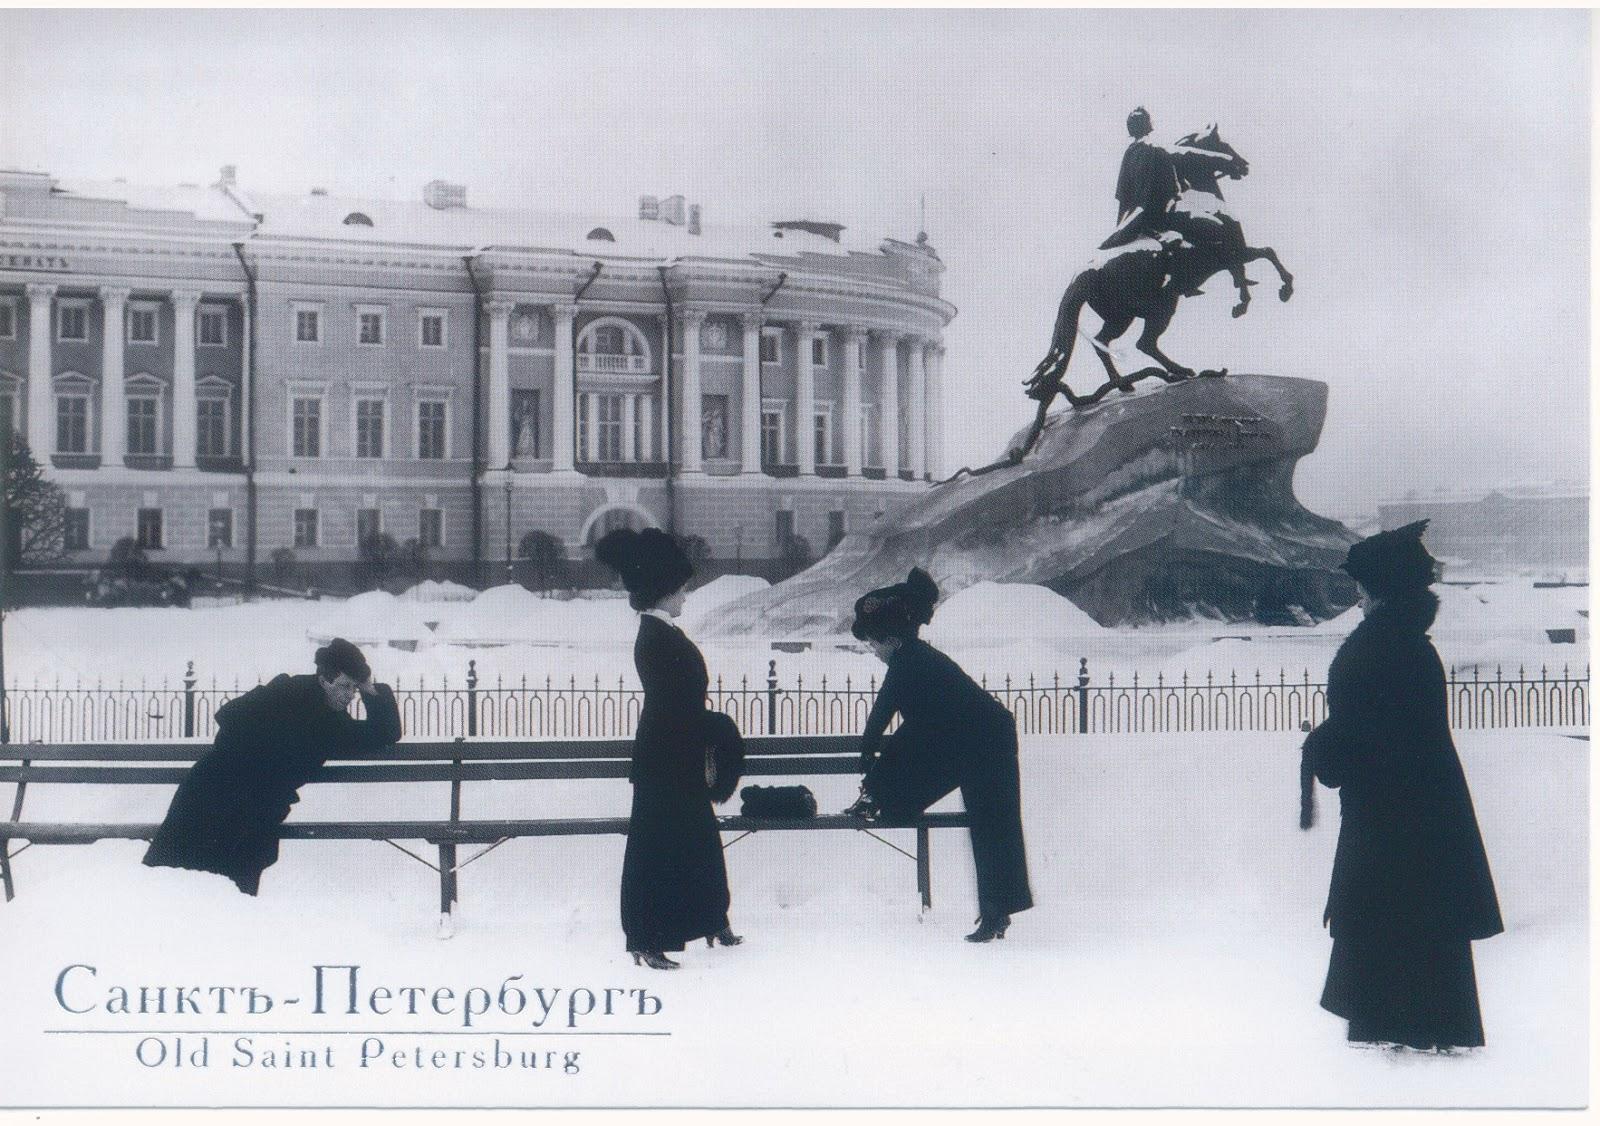 Госпожа эллиз санкт-петербург возраст: 35 лет